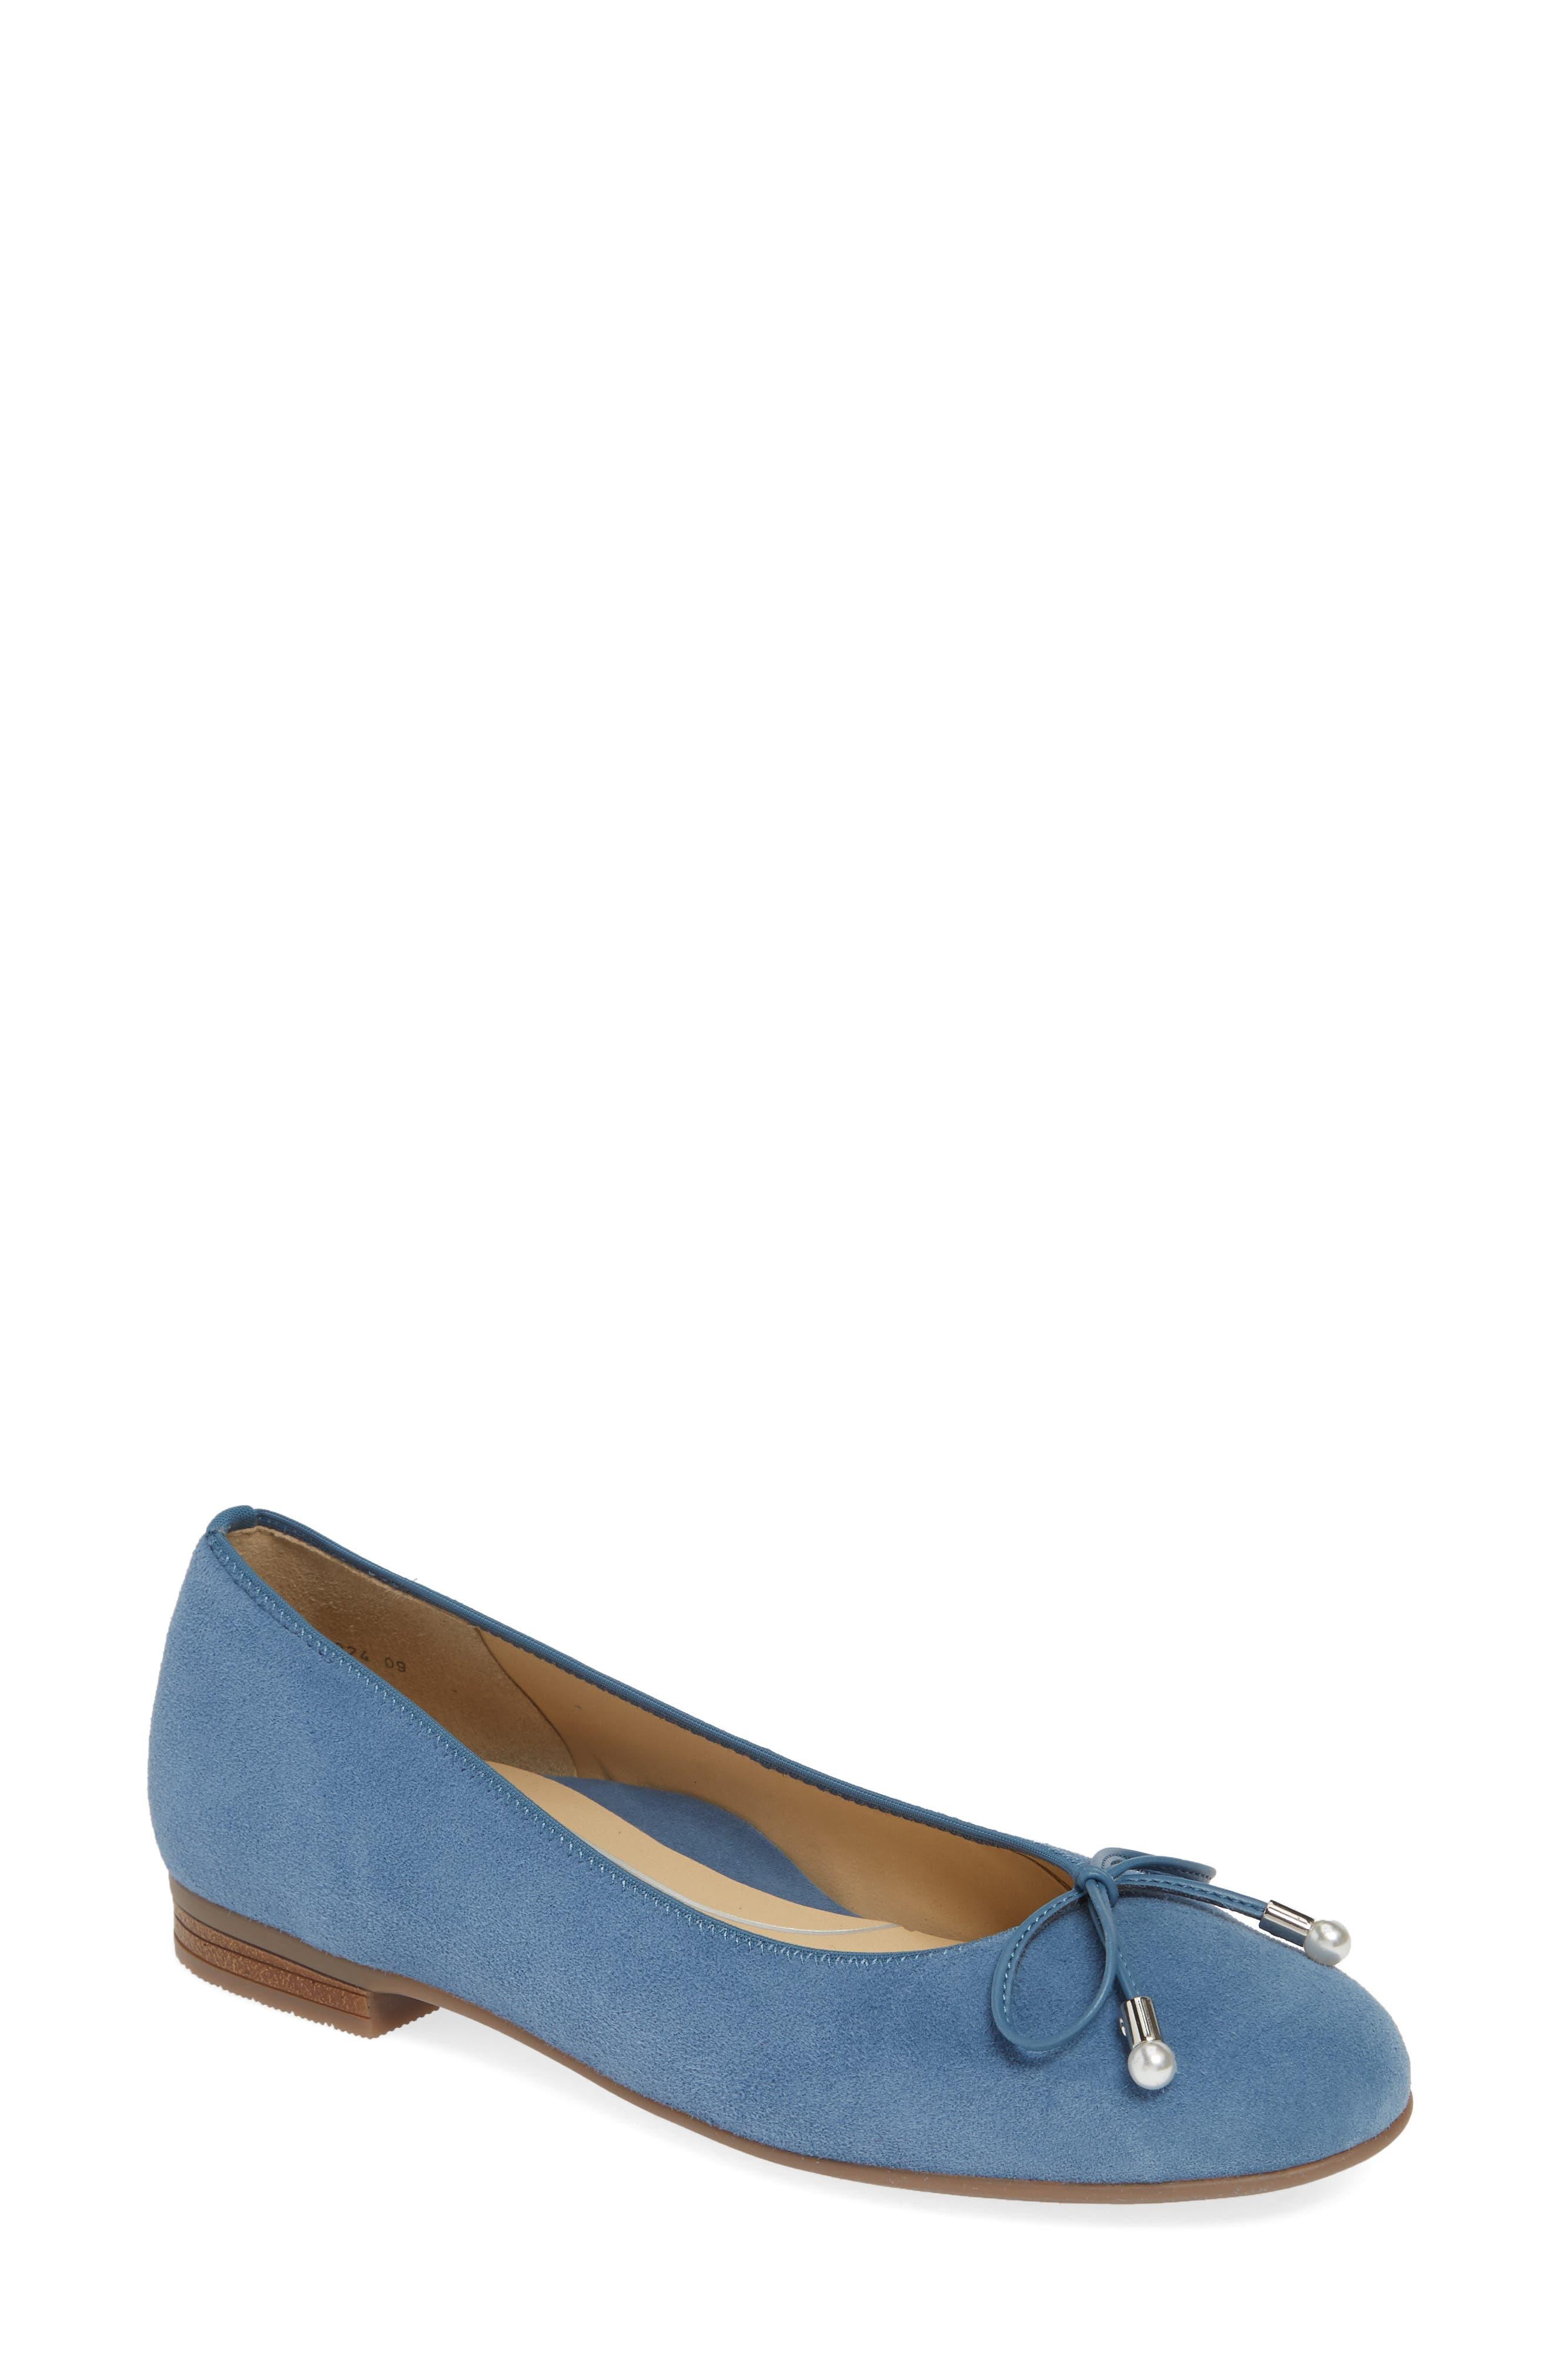 Ara Scout Flat, Blue